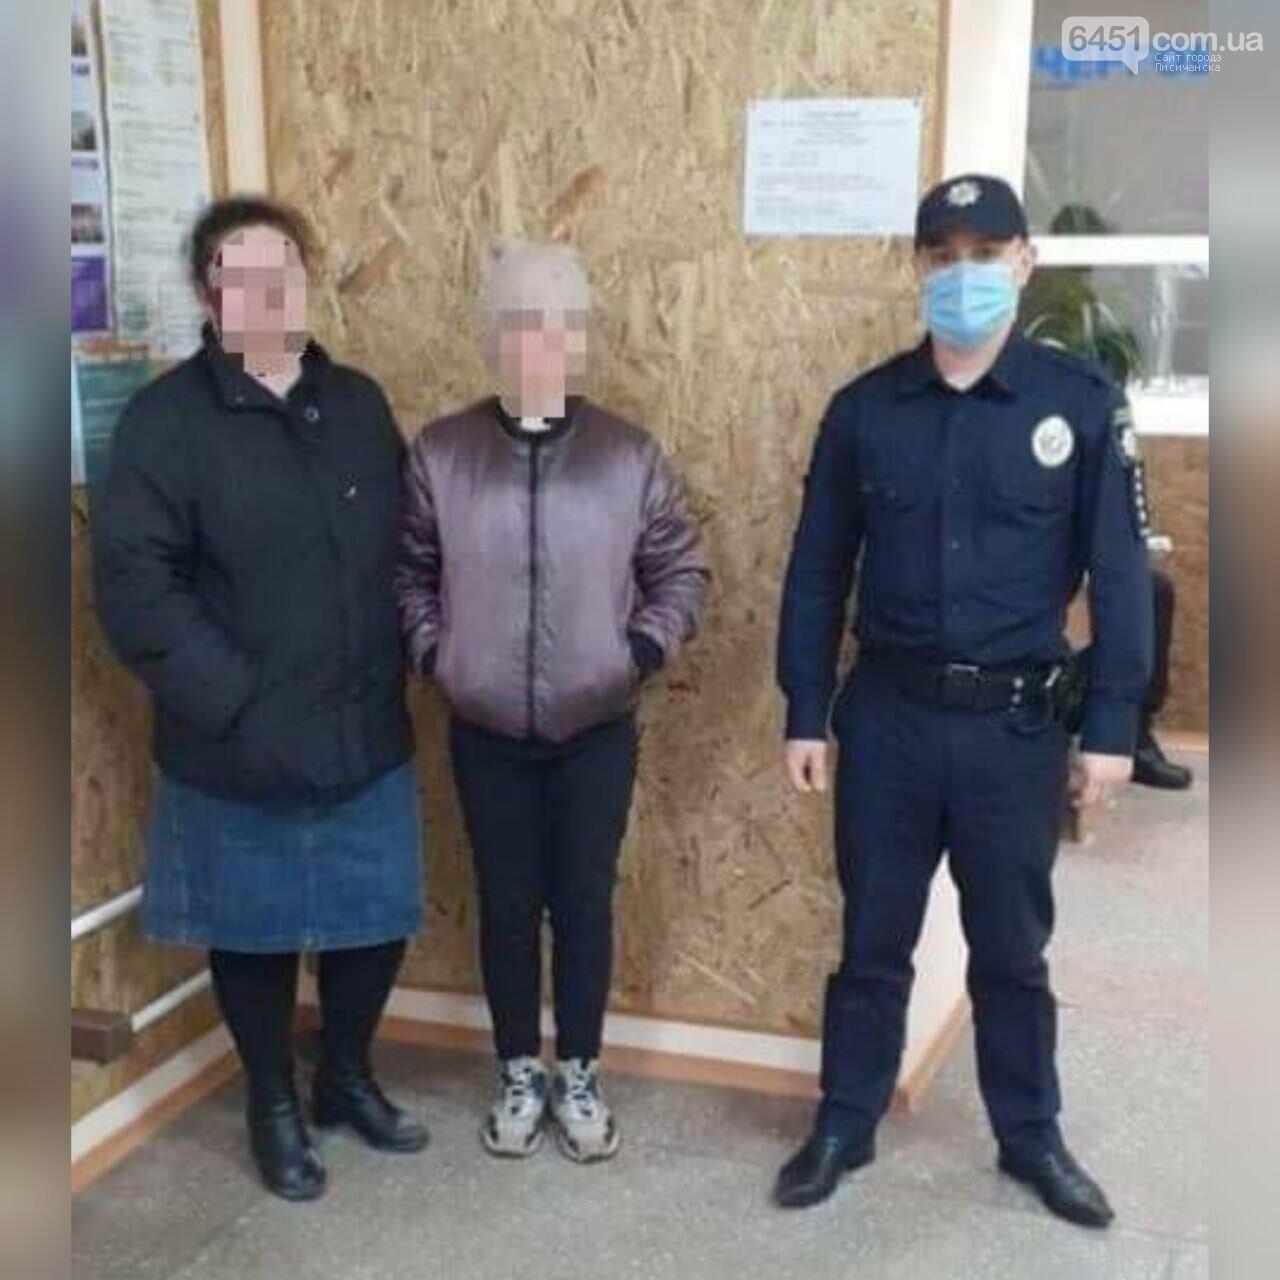 В Рубежном полицейские разыскали ребёнка, который сбежал из дома, фото-1